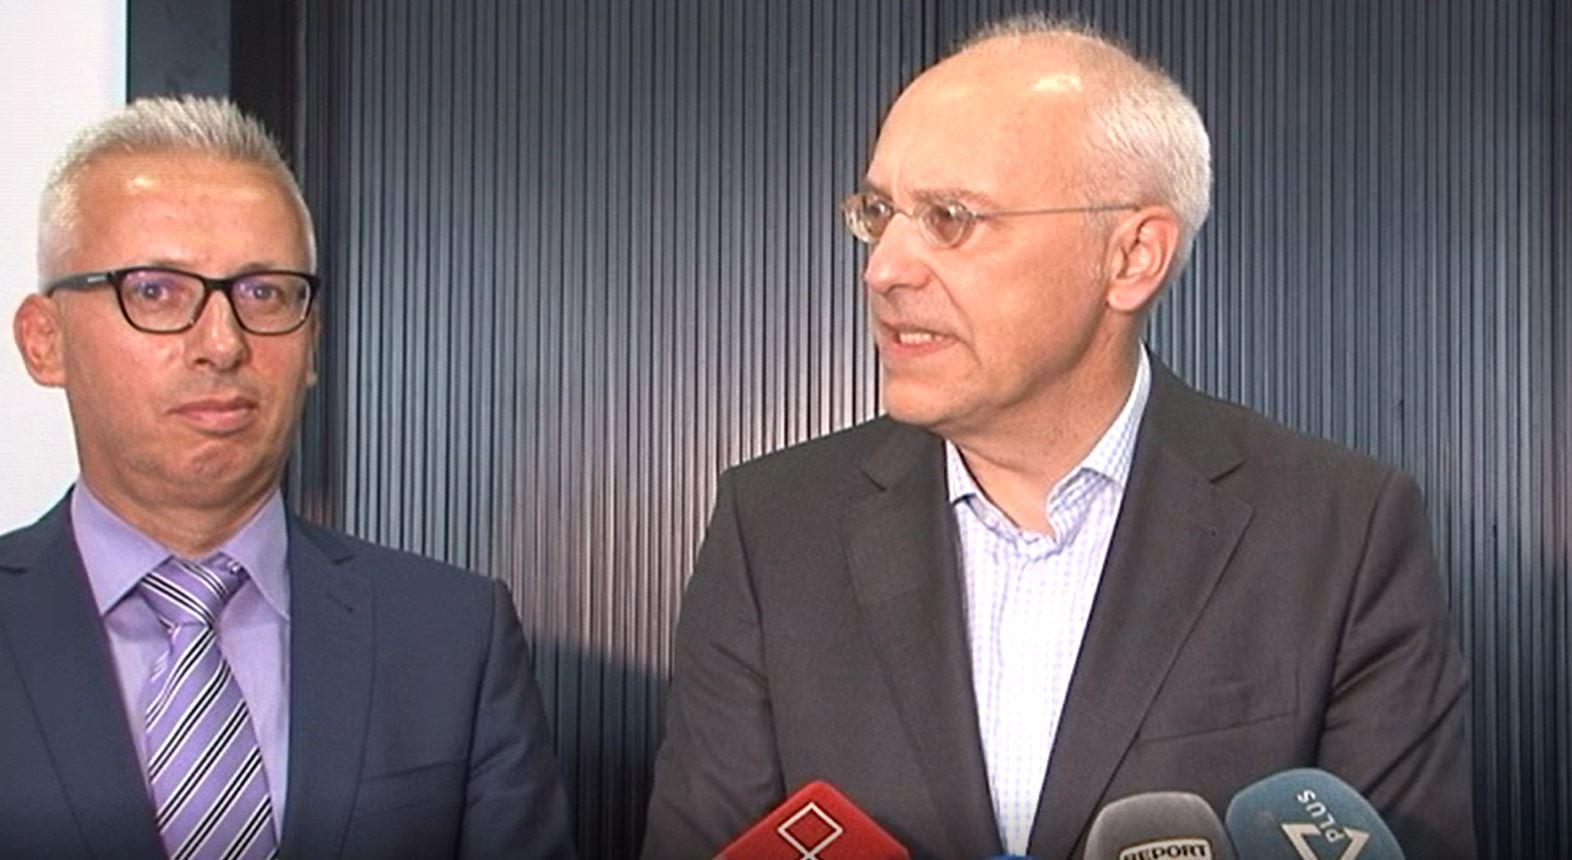 Ambasadori gjerman: Negociatat me BE, pyetje 1 mln dollarëshe, risi në parlamentin e ri